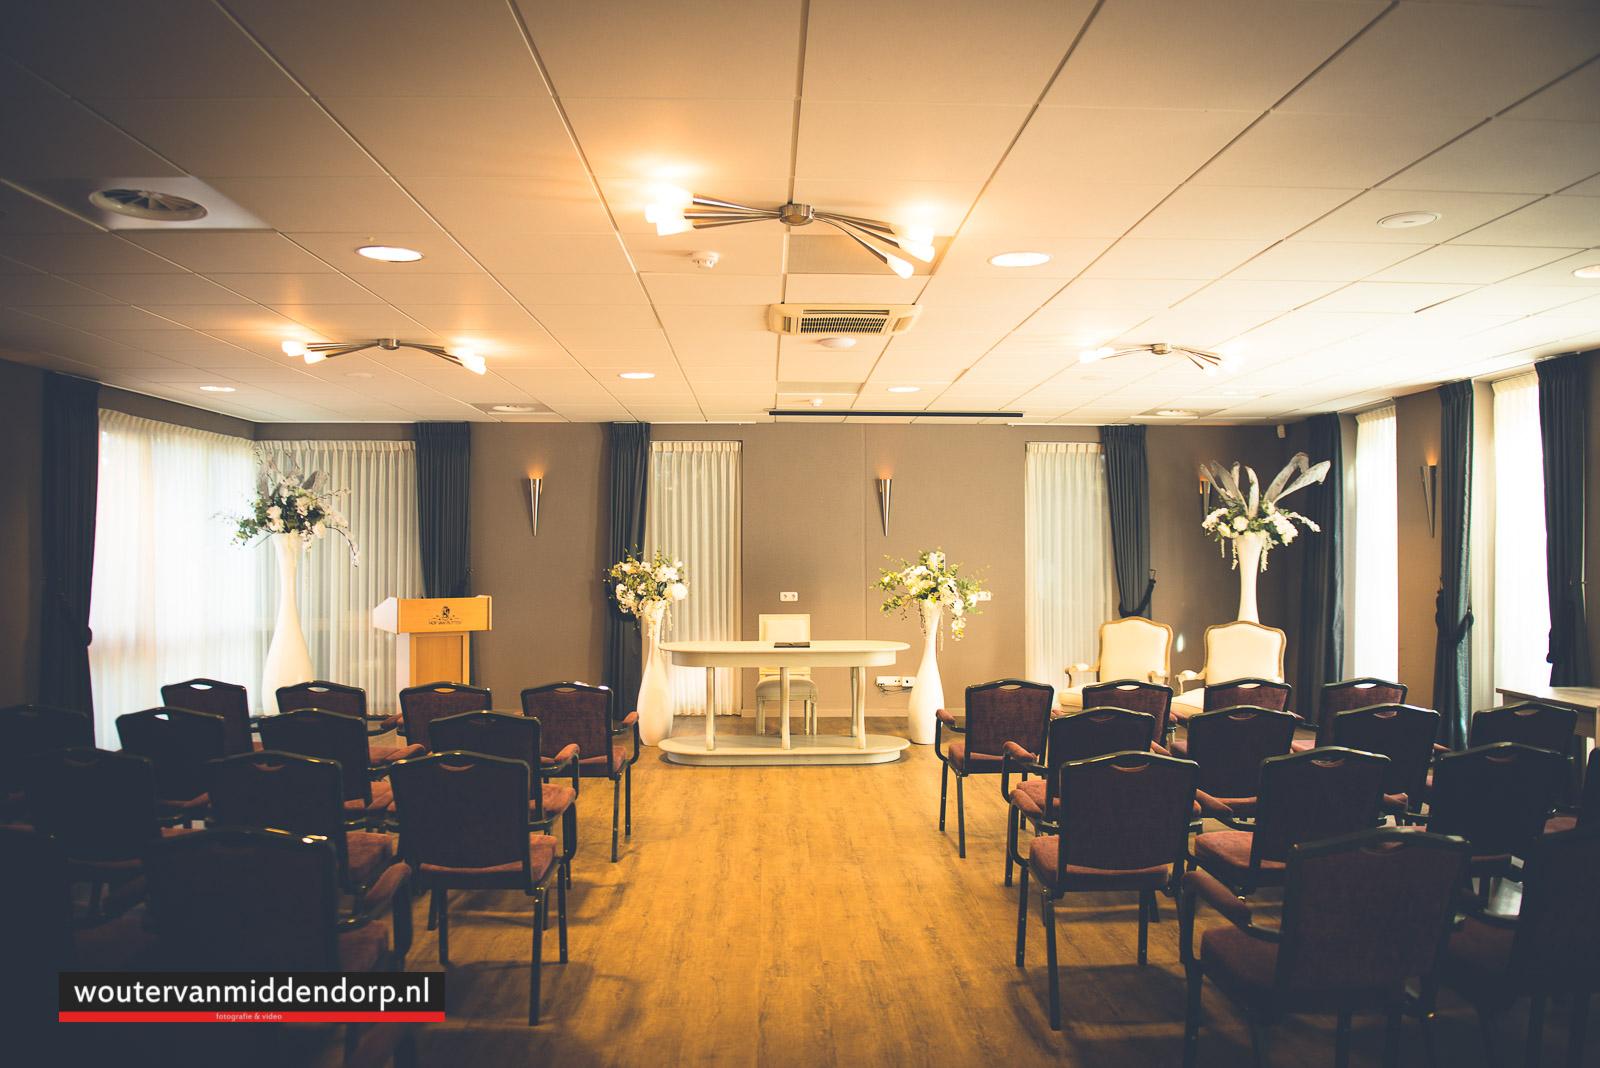 bruidsfotografie Wouter van Middendorp Uddel, Putten, -18